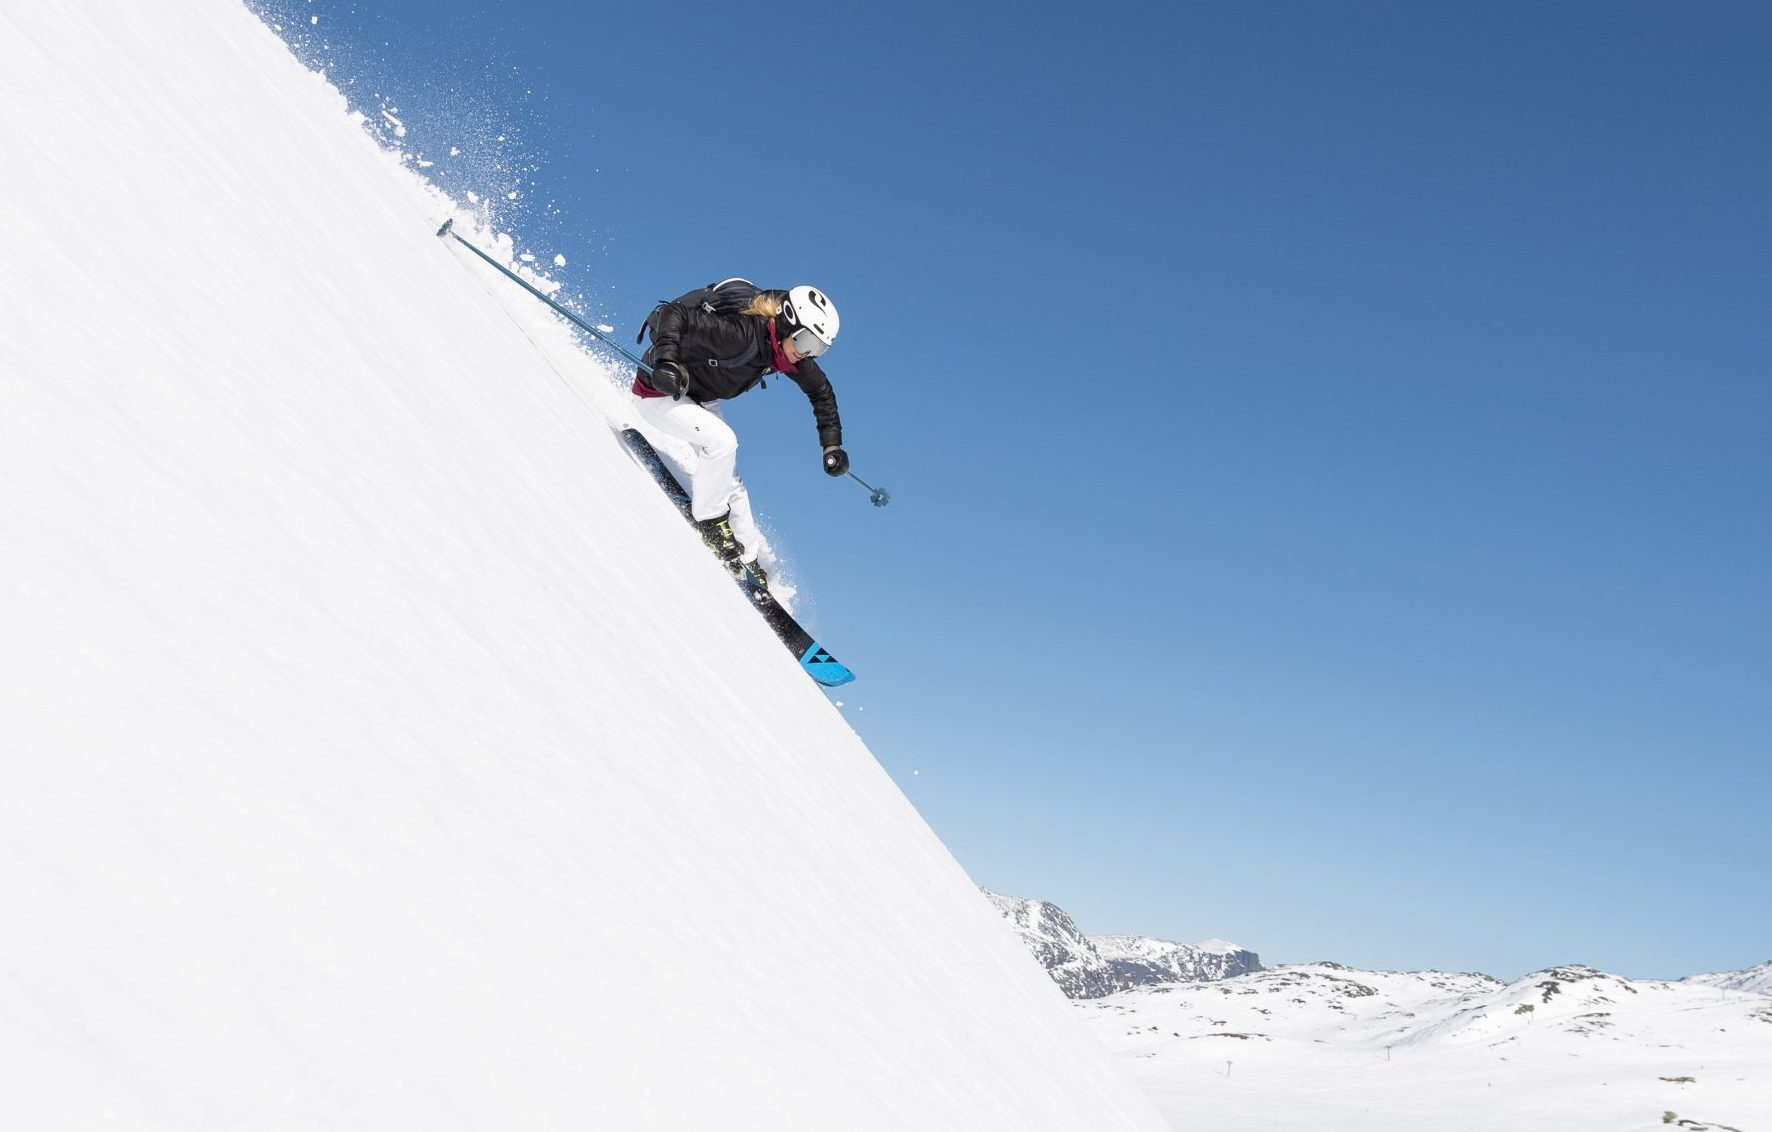 Der er lukket for danske rejsende til Sverige og Norge, men SkiStar har nu åbnet sine norske skirejsedestinationer, mens de svenske følger efter i denne uge. PR-foto: SkiStar.